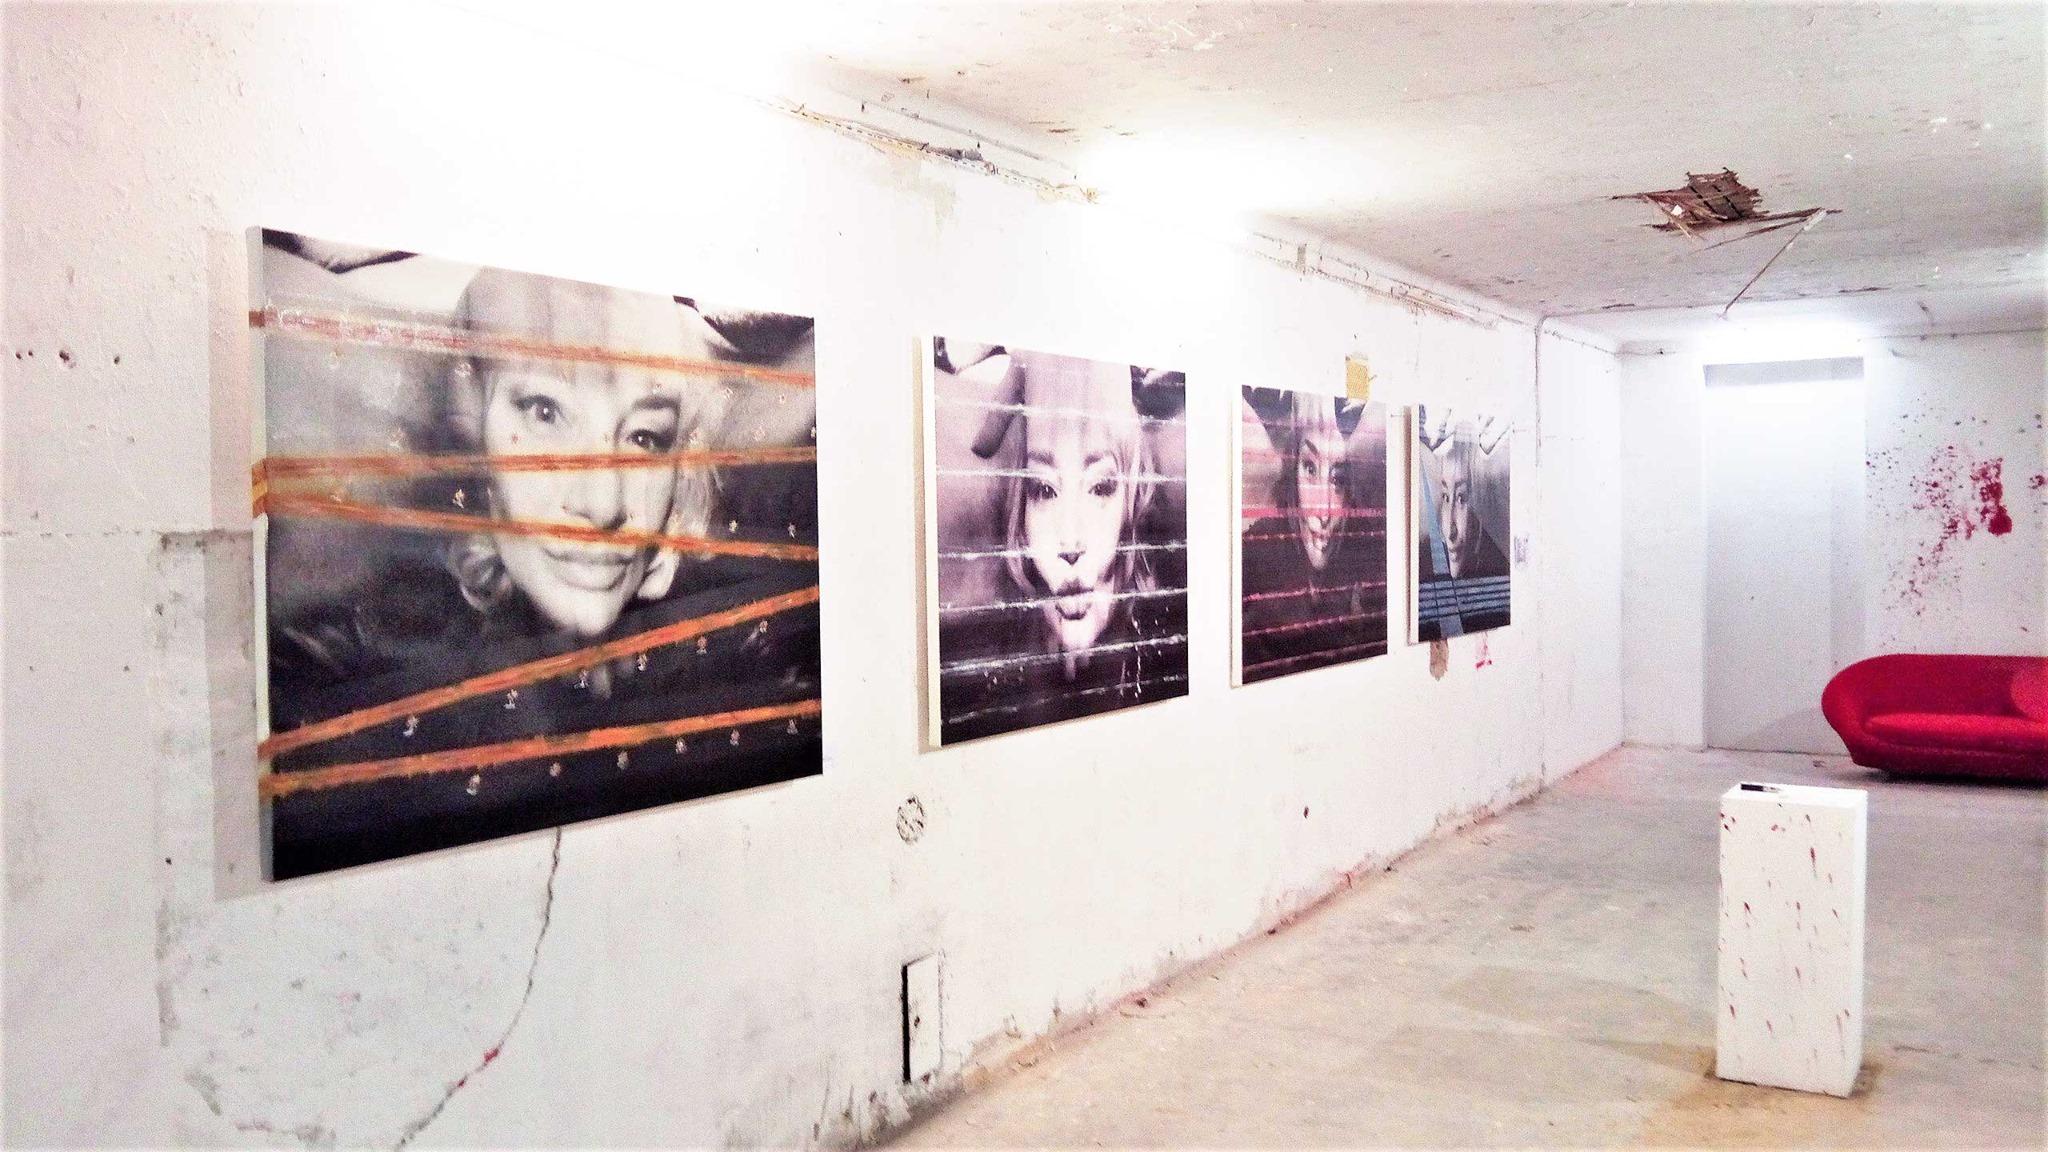 Meine Exponate // Ausstellung POR N TRAIT // atelier-galerie Fuenf vor Zwoelf Öffnungszeiten: Täglich von 16:00 bis ca. 20:00 bzw. nach Vereinbarung